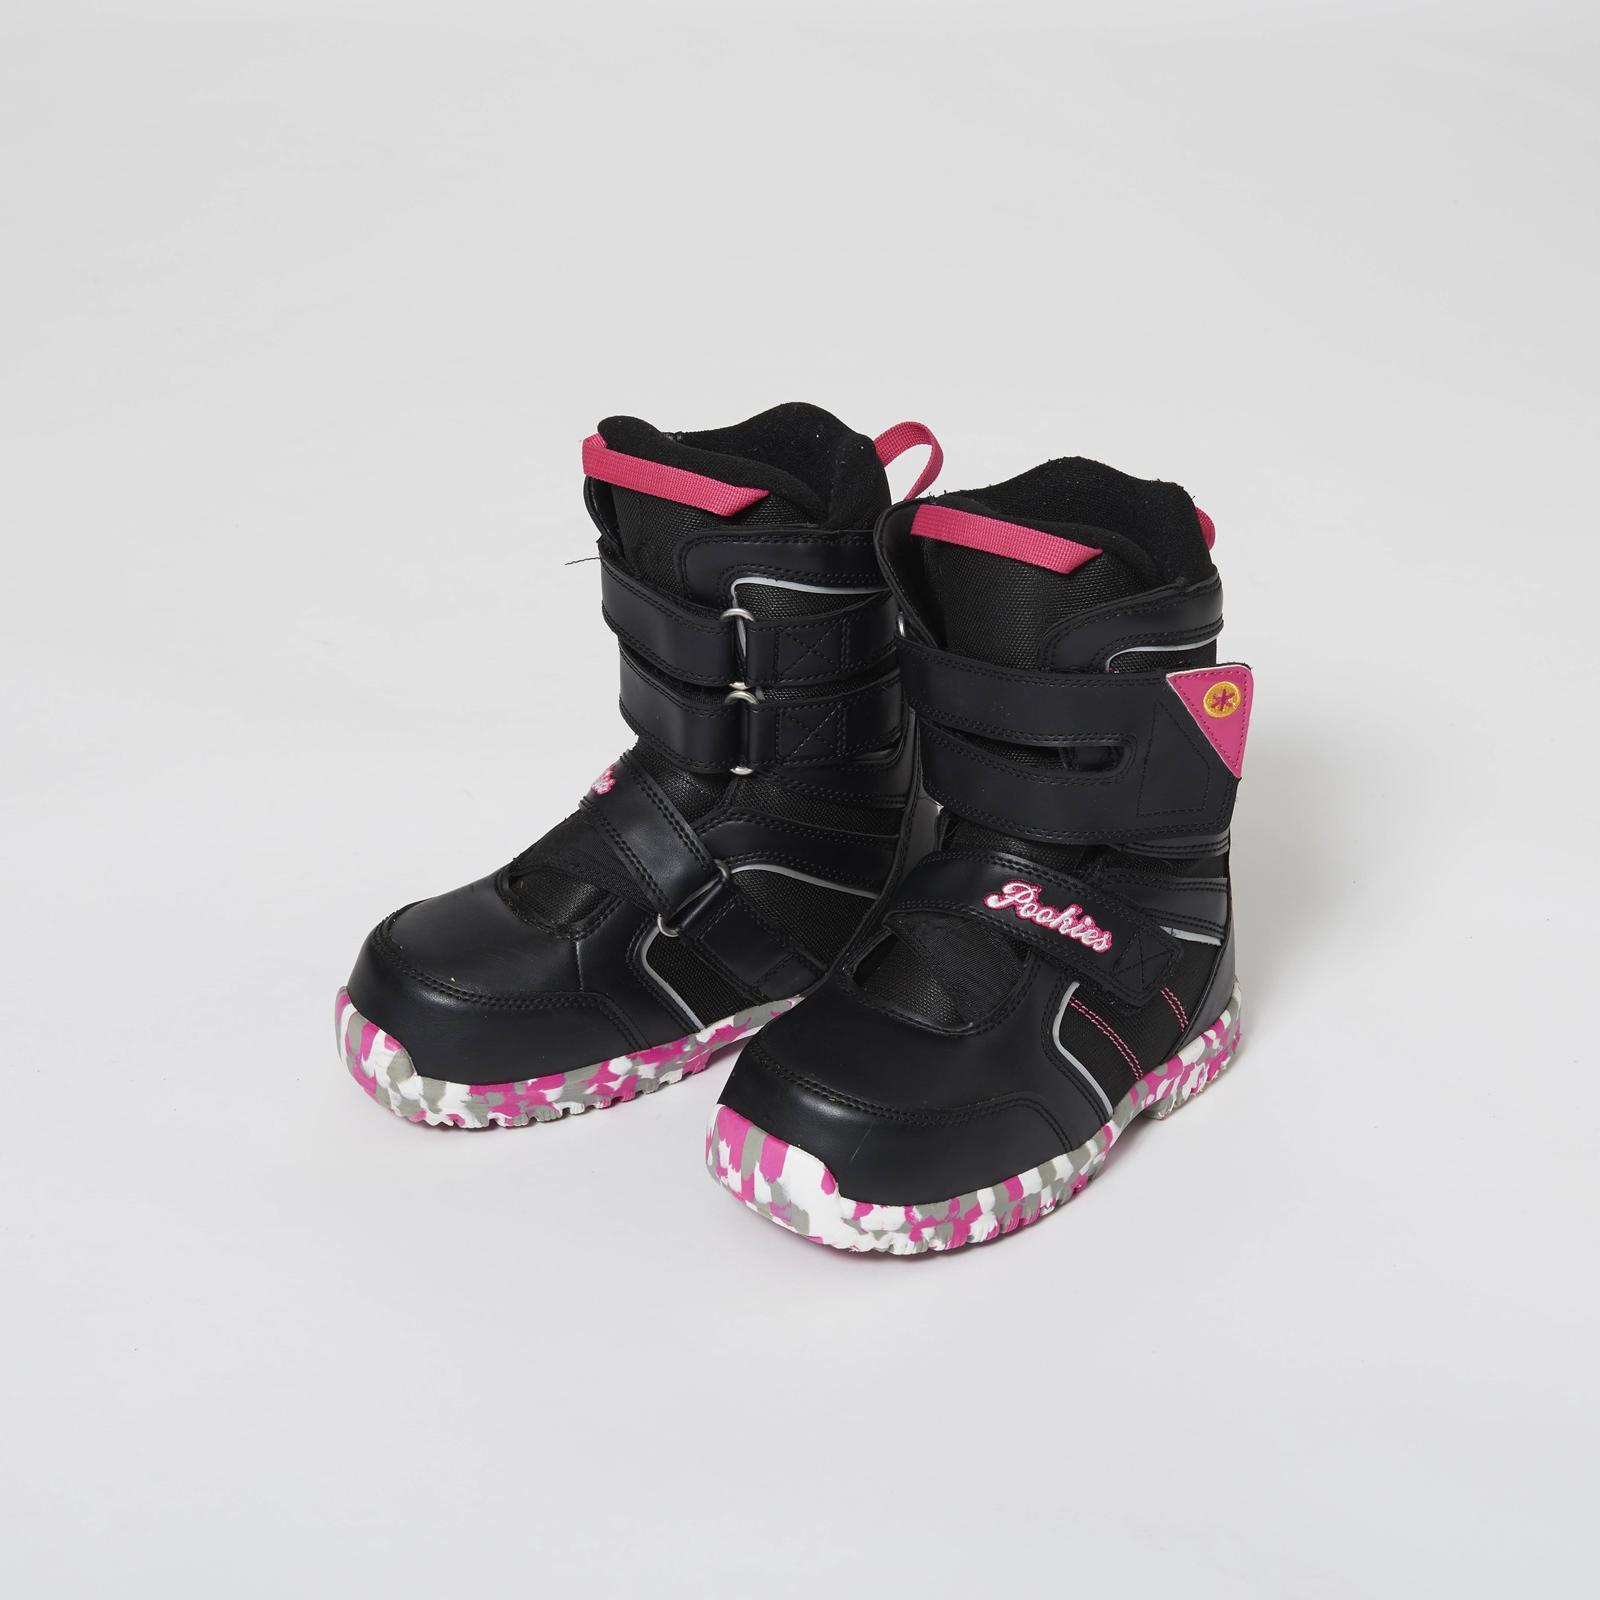 Jr.ボードブーツ(女の子用)